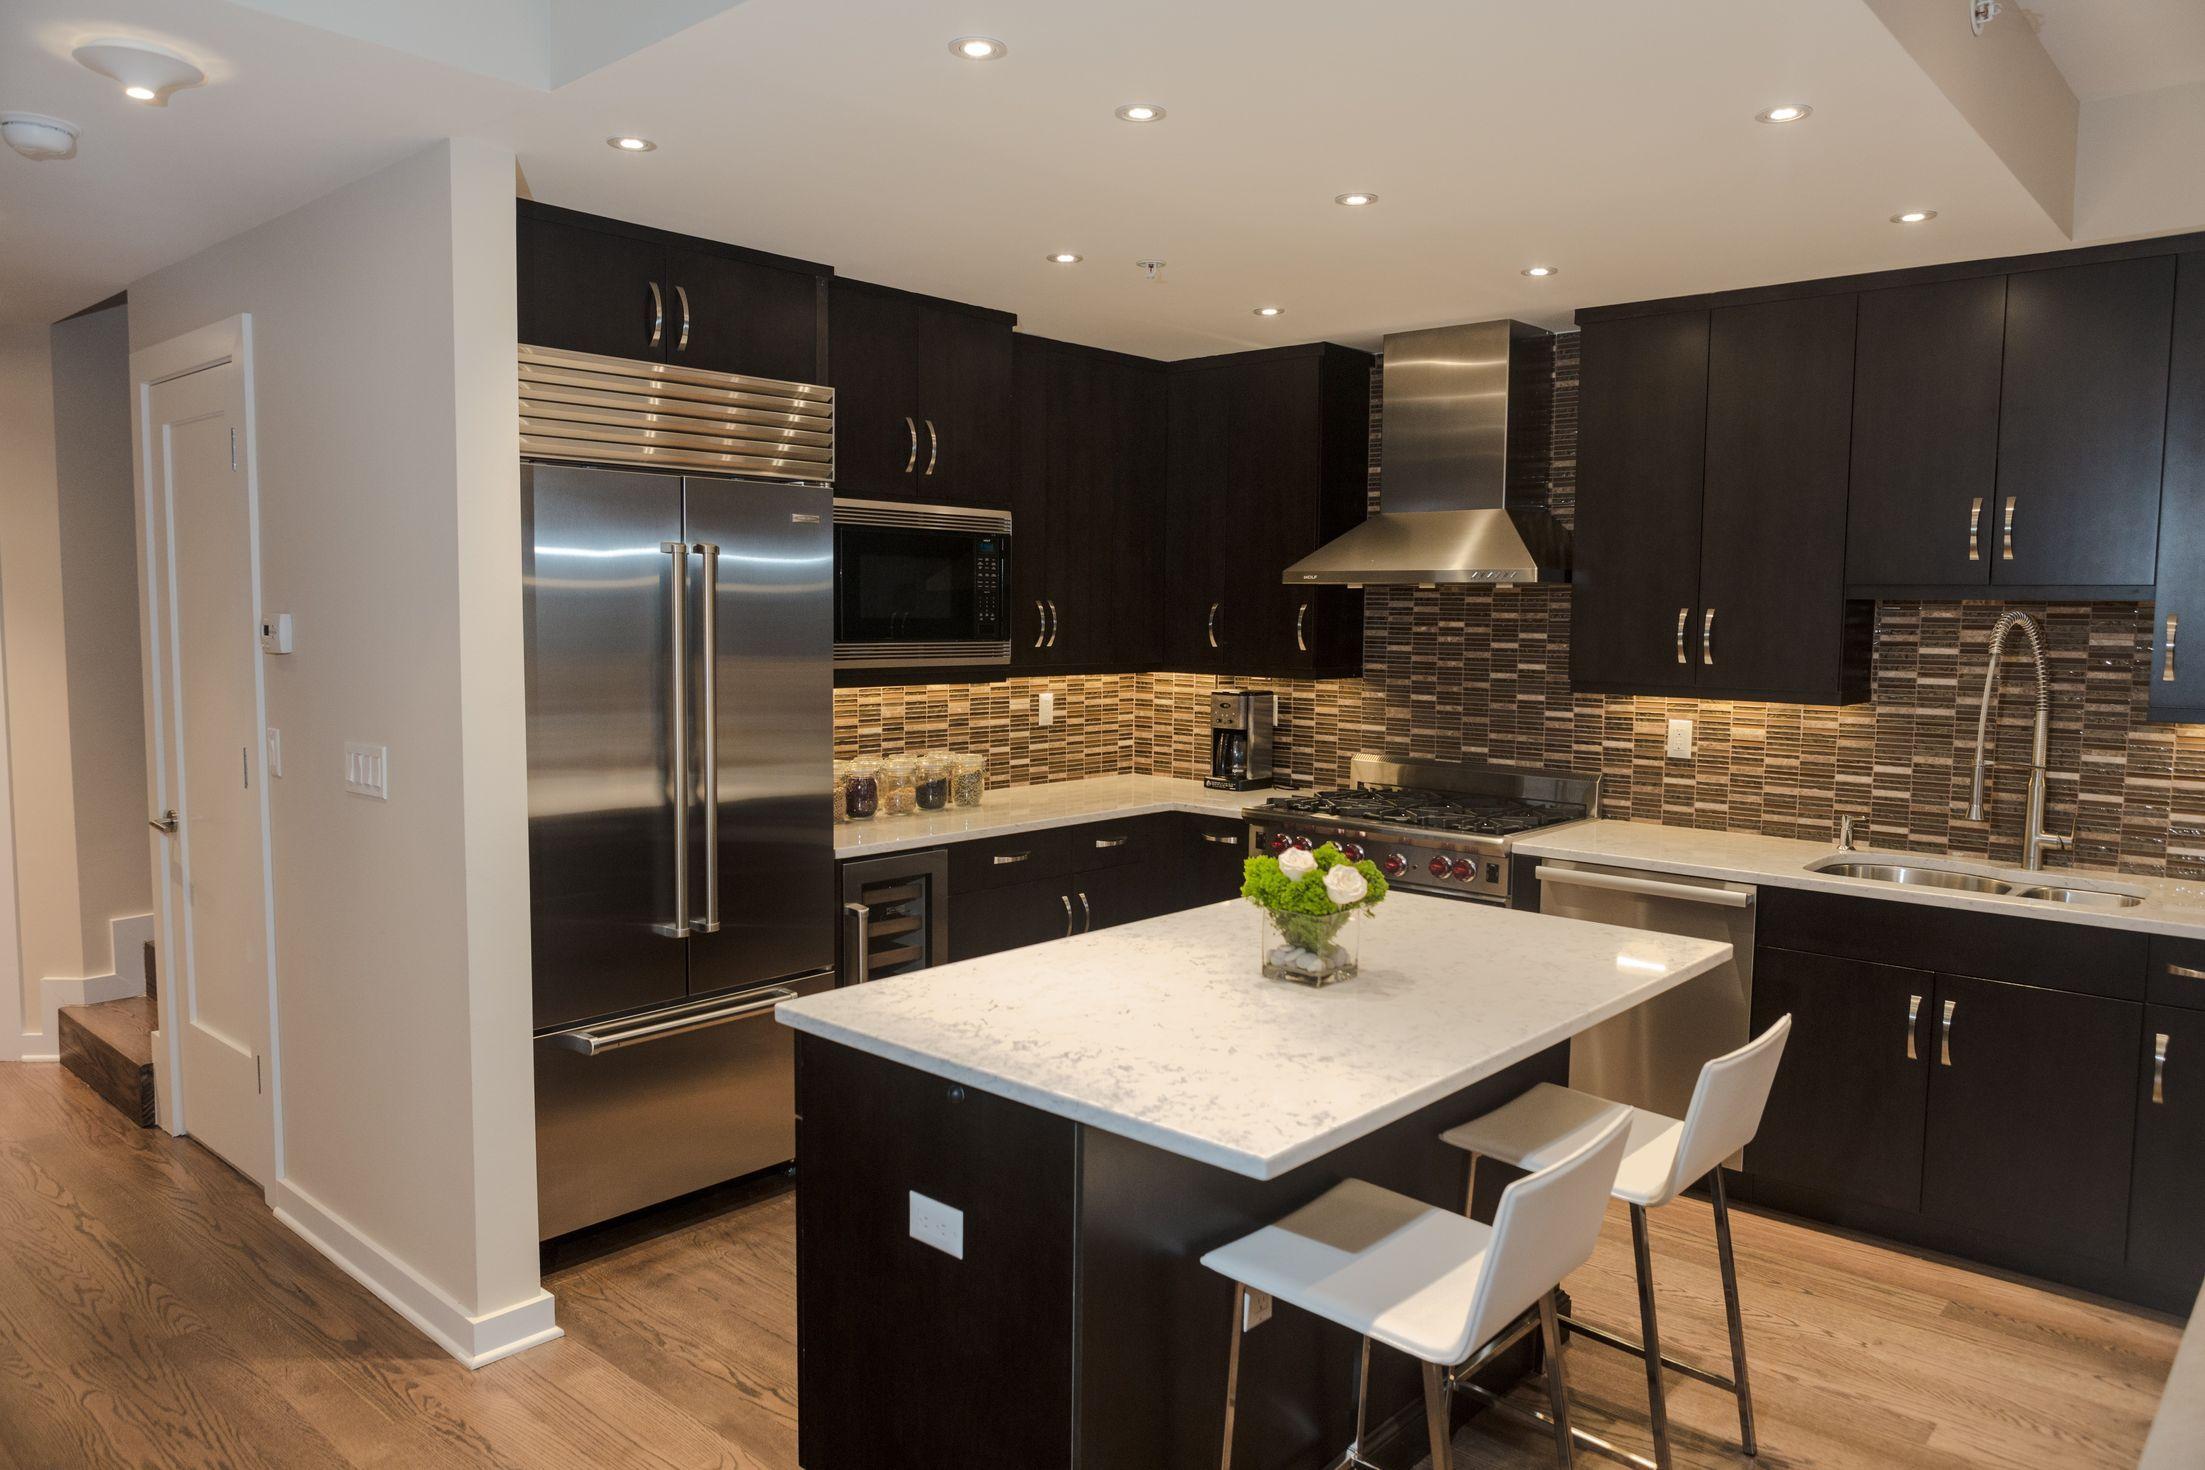 52 Dark Kitchens With Dark Wood Or Black Kitchen Cabinets 2020 Backsplash With Dark Cabinets Dark Kitchen Cabinets Kitchen Backsplash Designs